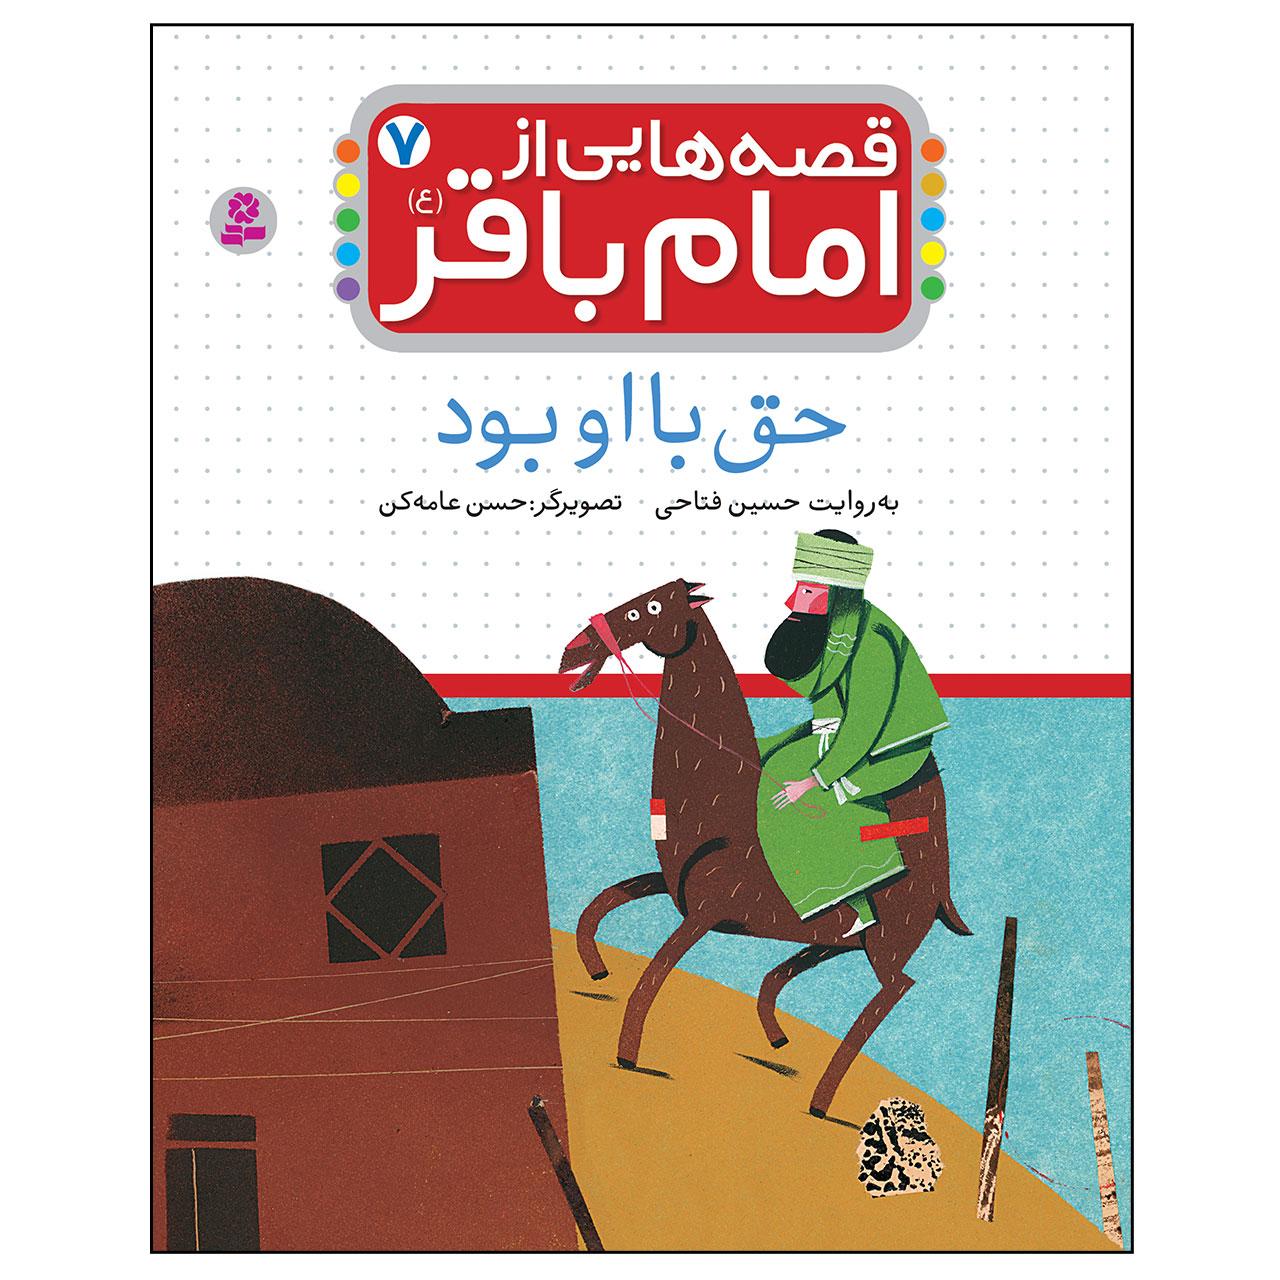 کتاب قصه هایی از امام باقر (ع) 7 حق با او بود اثر حسین فتاحی انتشارات قدیانی